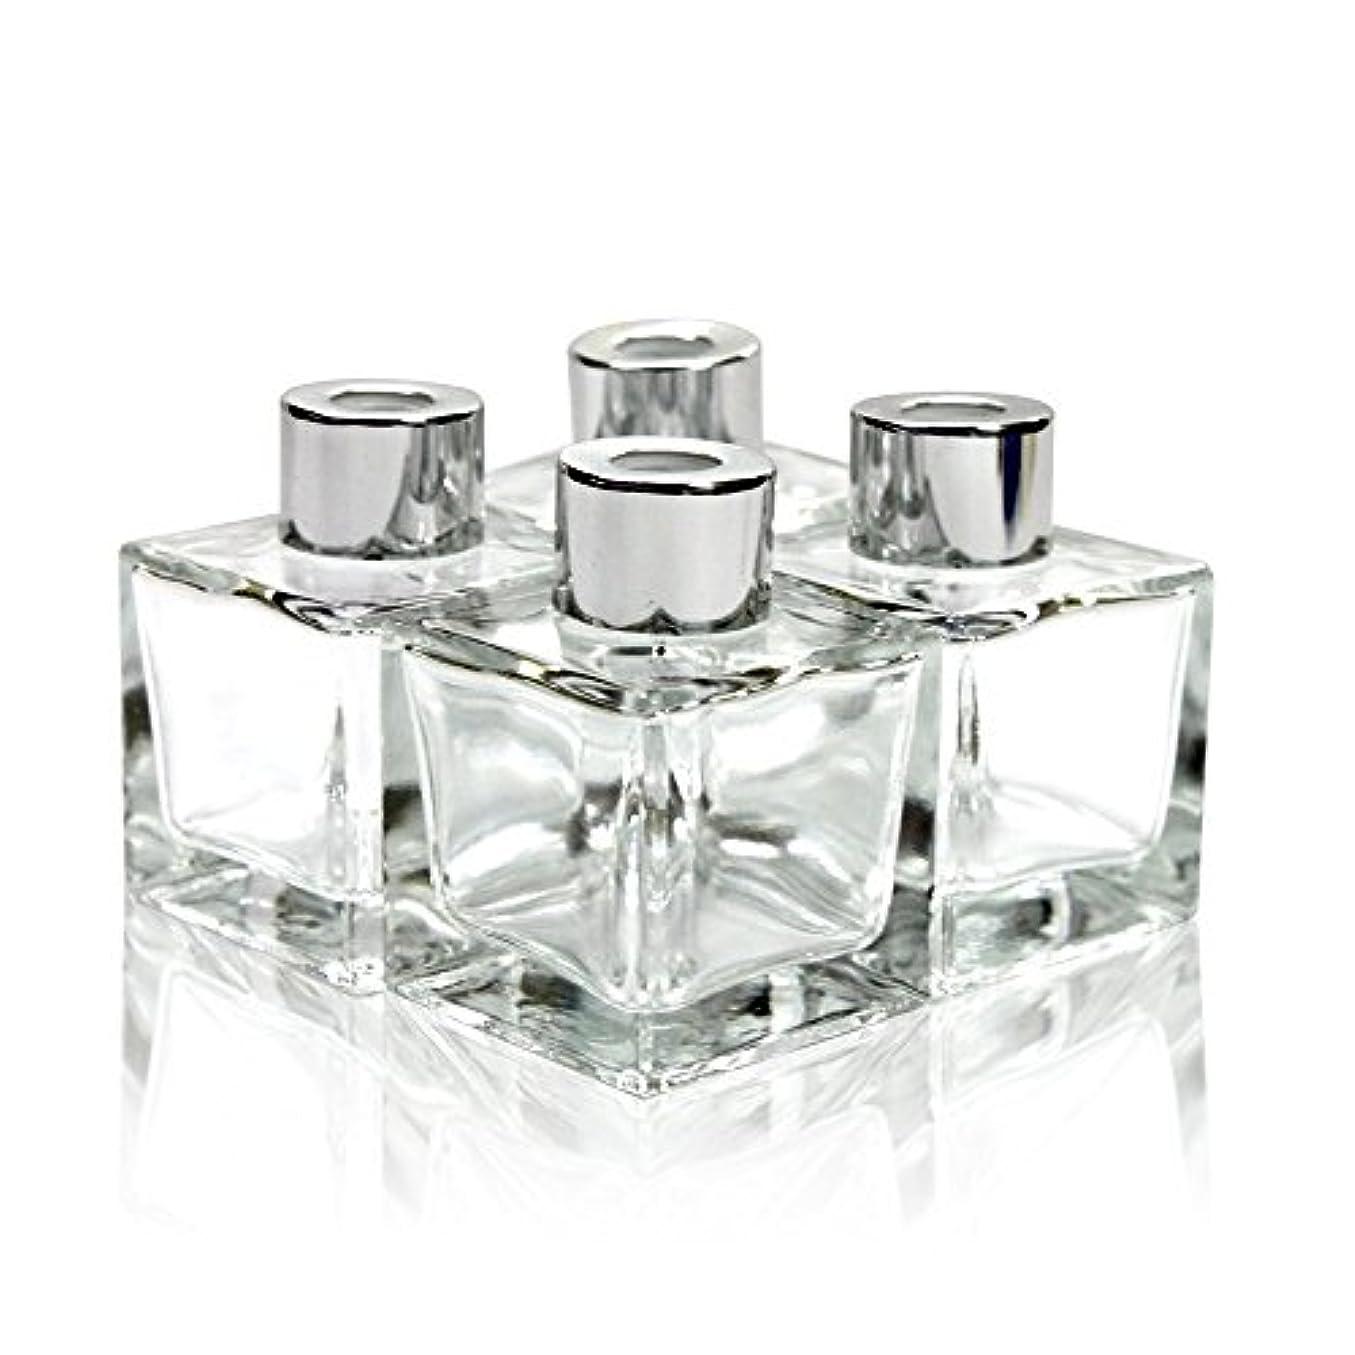 話火山のお茶Feel Fragrance リードディフューザー用 リードディフューザーボトル 容器 透明 蓋付き 4本セット50ML方形 (GB-50)